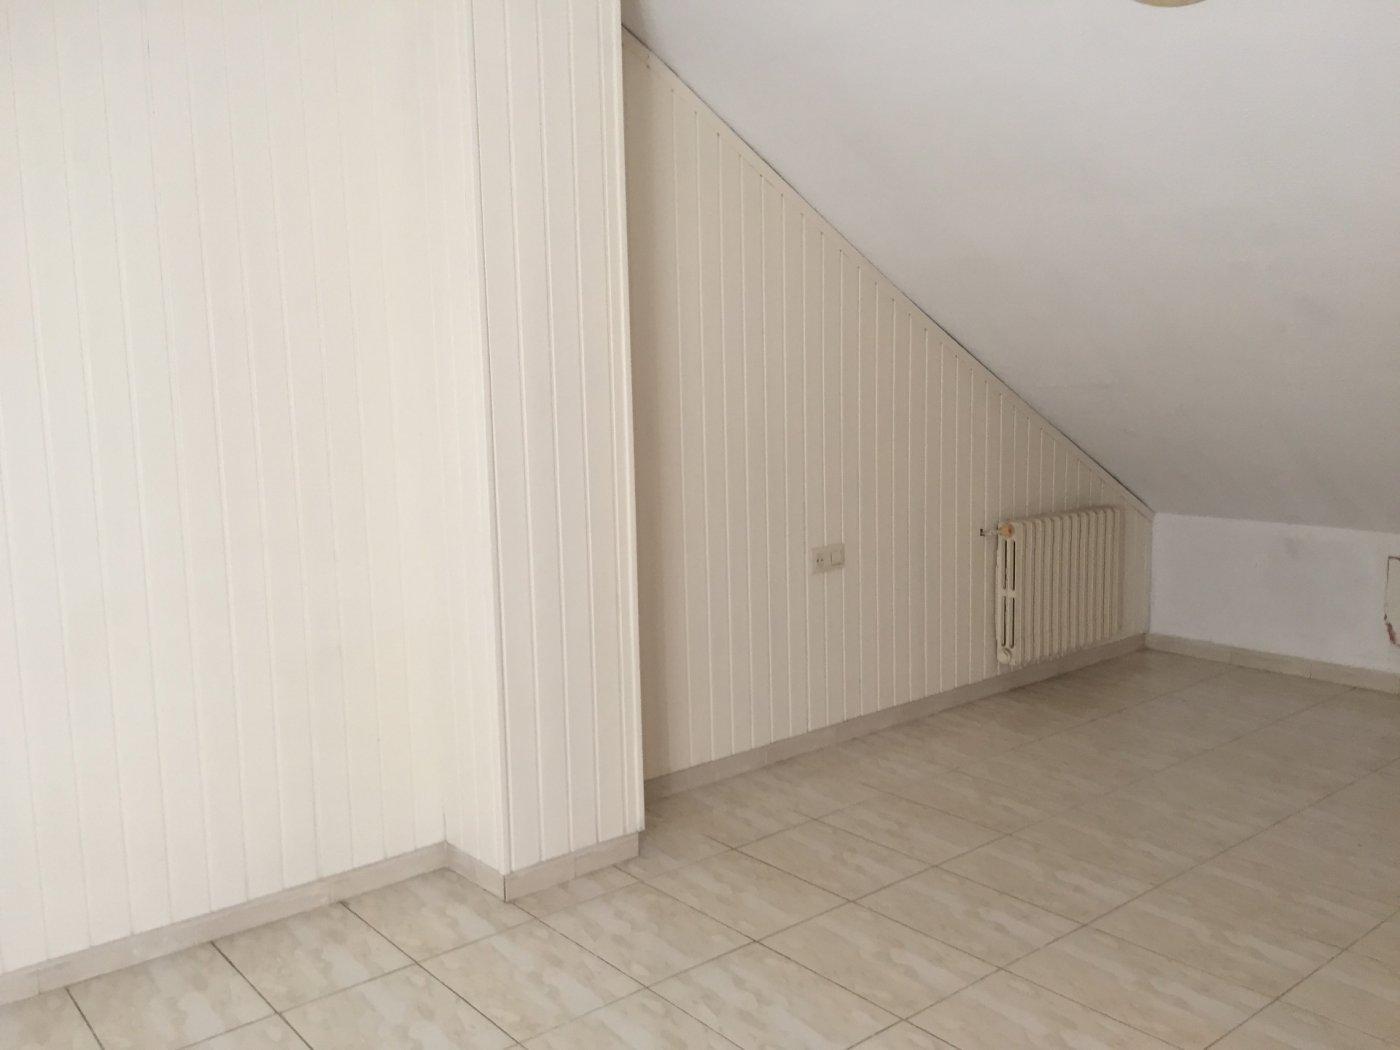 Casa adosado en alfahuir - imagenInmueble16